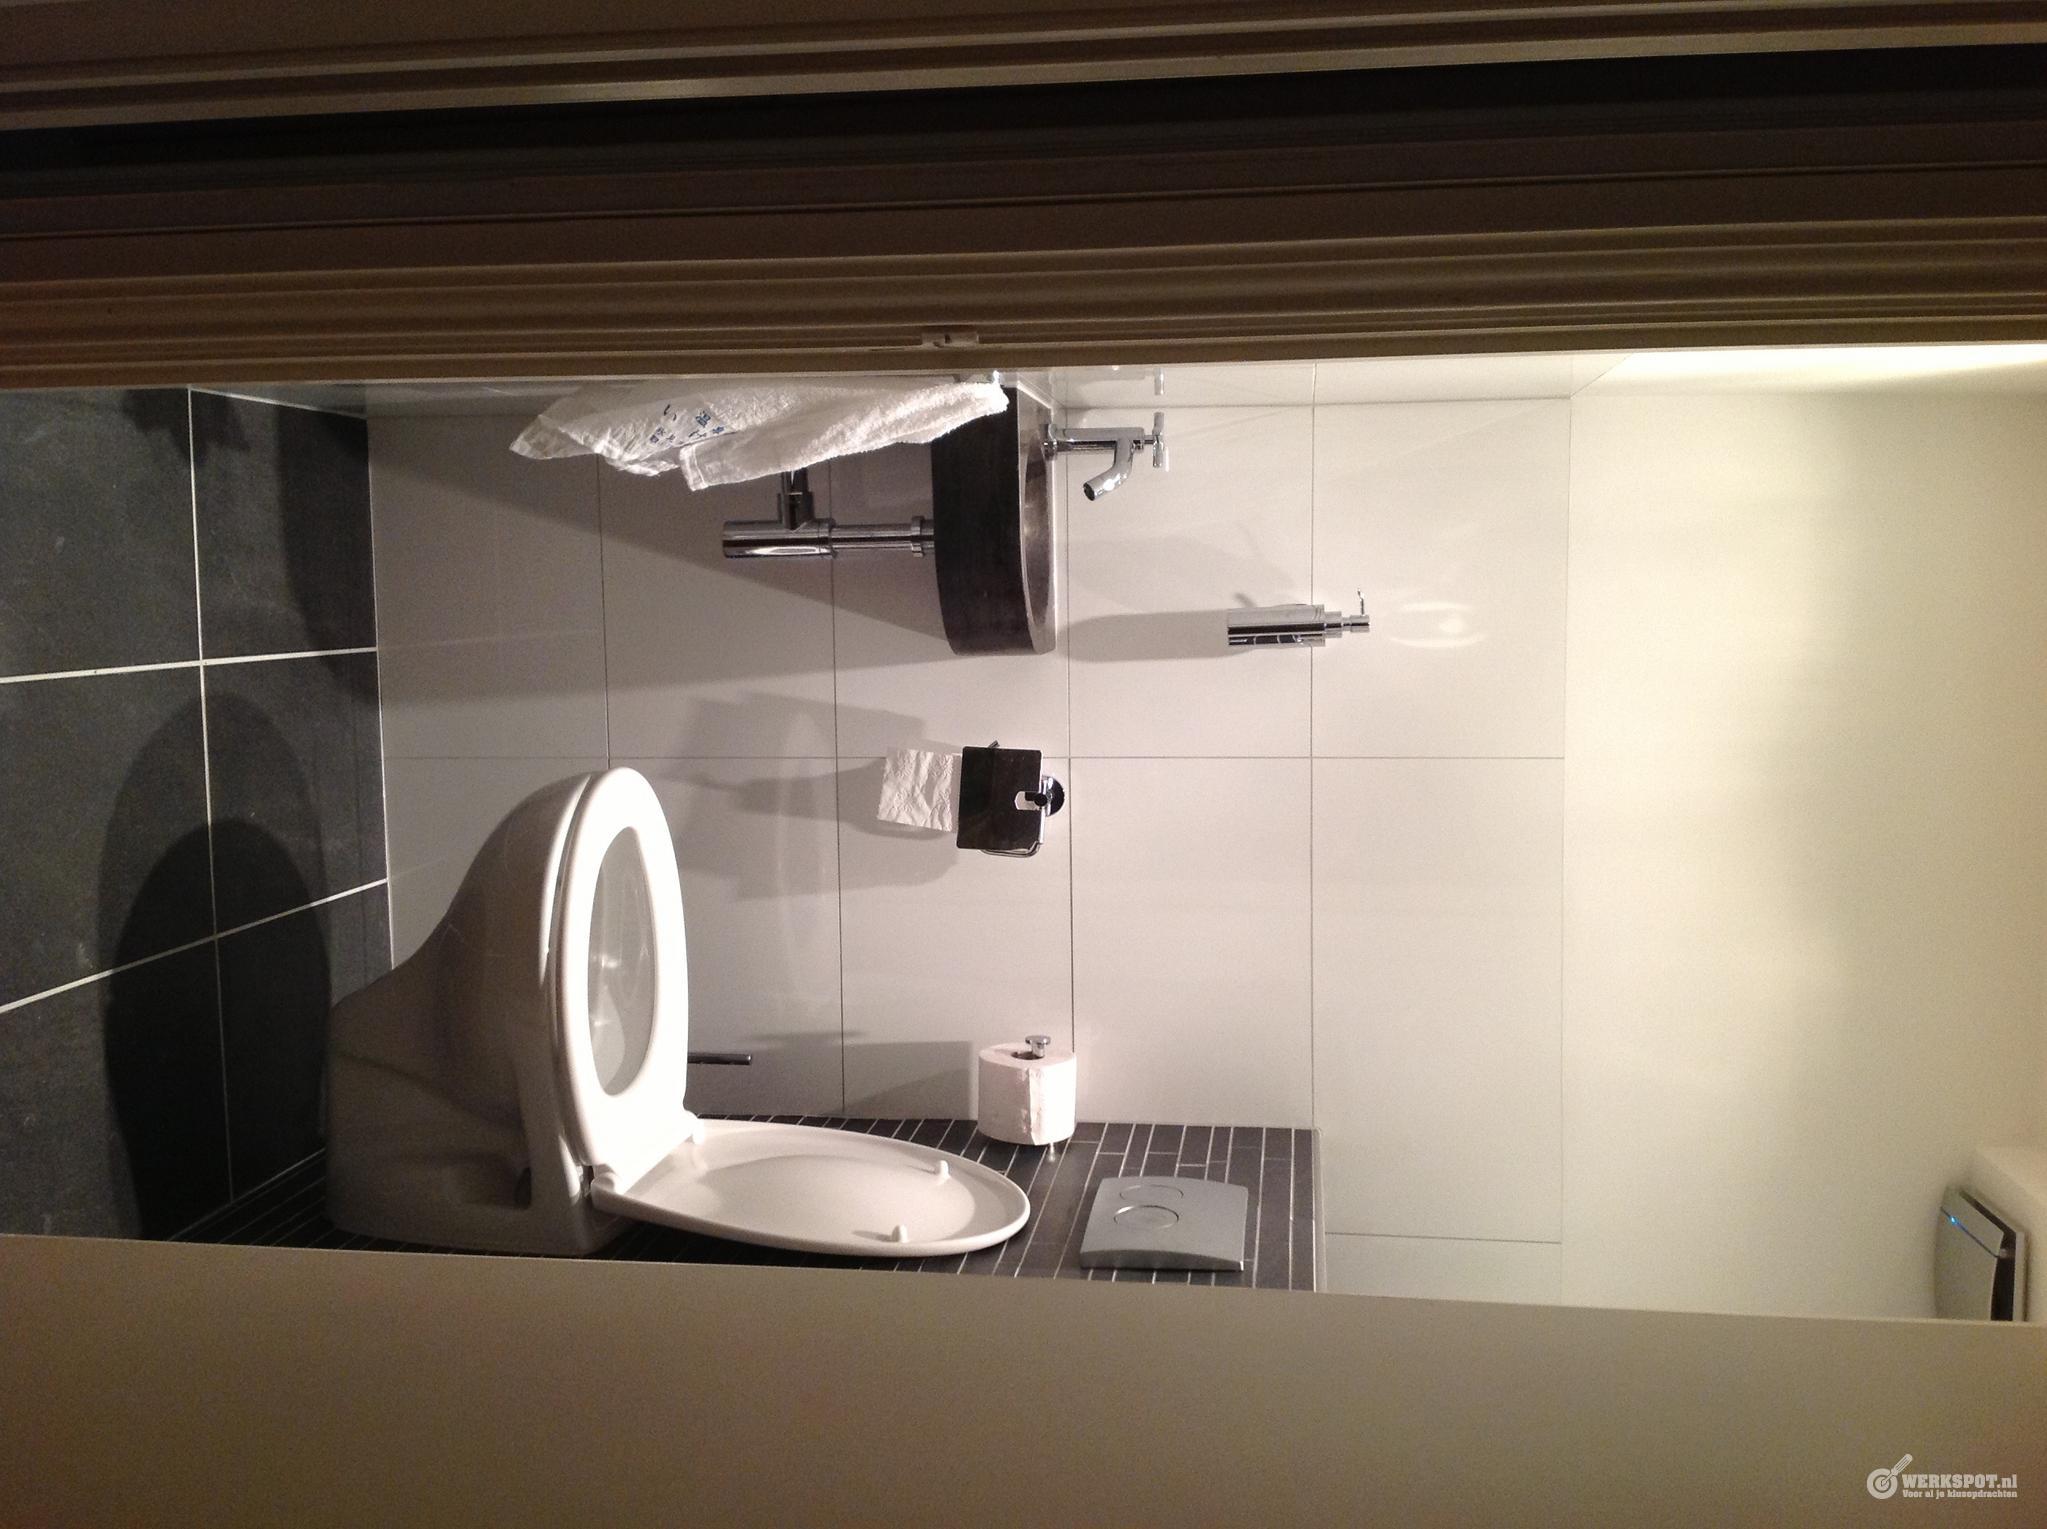 Badkamer kraan monteren badkamer ontwerp idee n voor uw huis samen met meubels die - Betegelde badkamer ontwerp ...